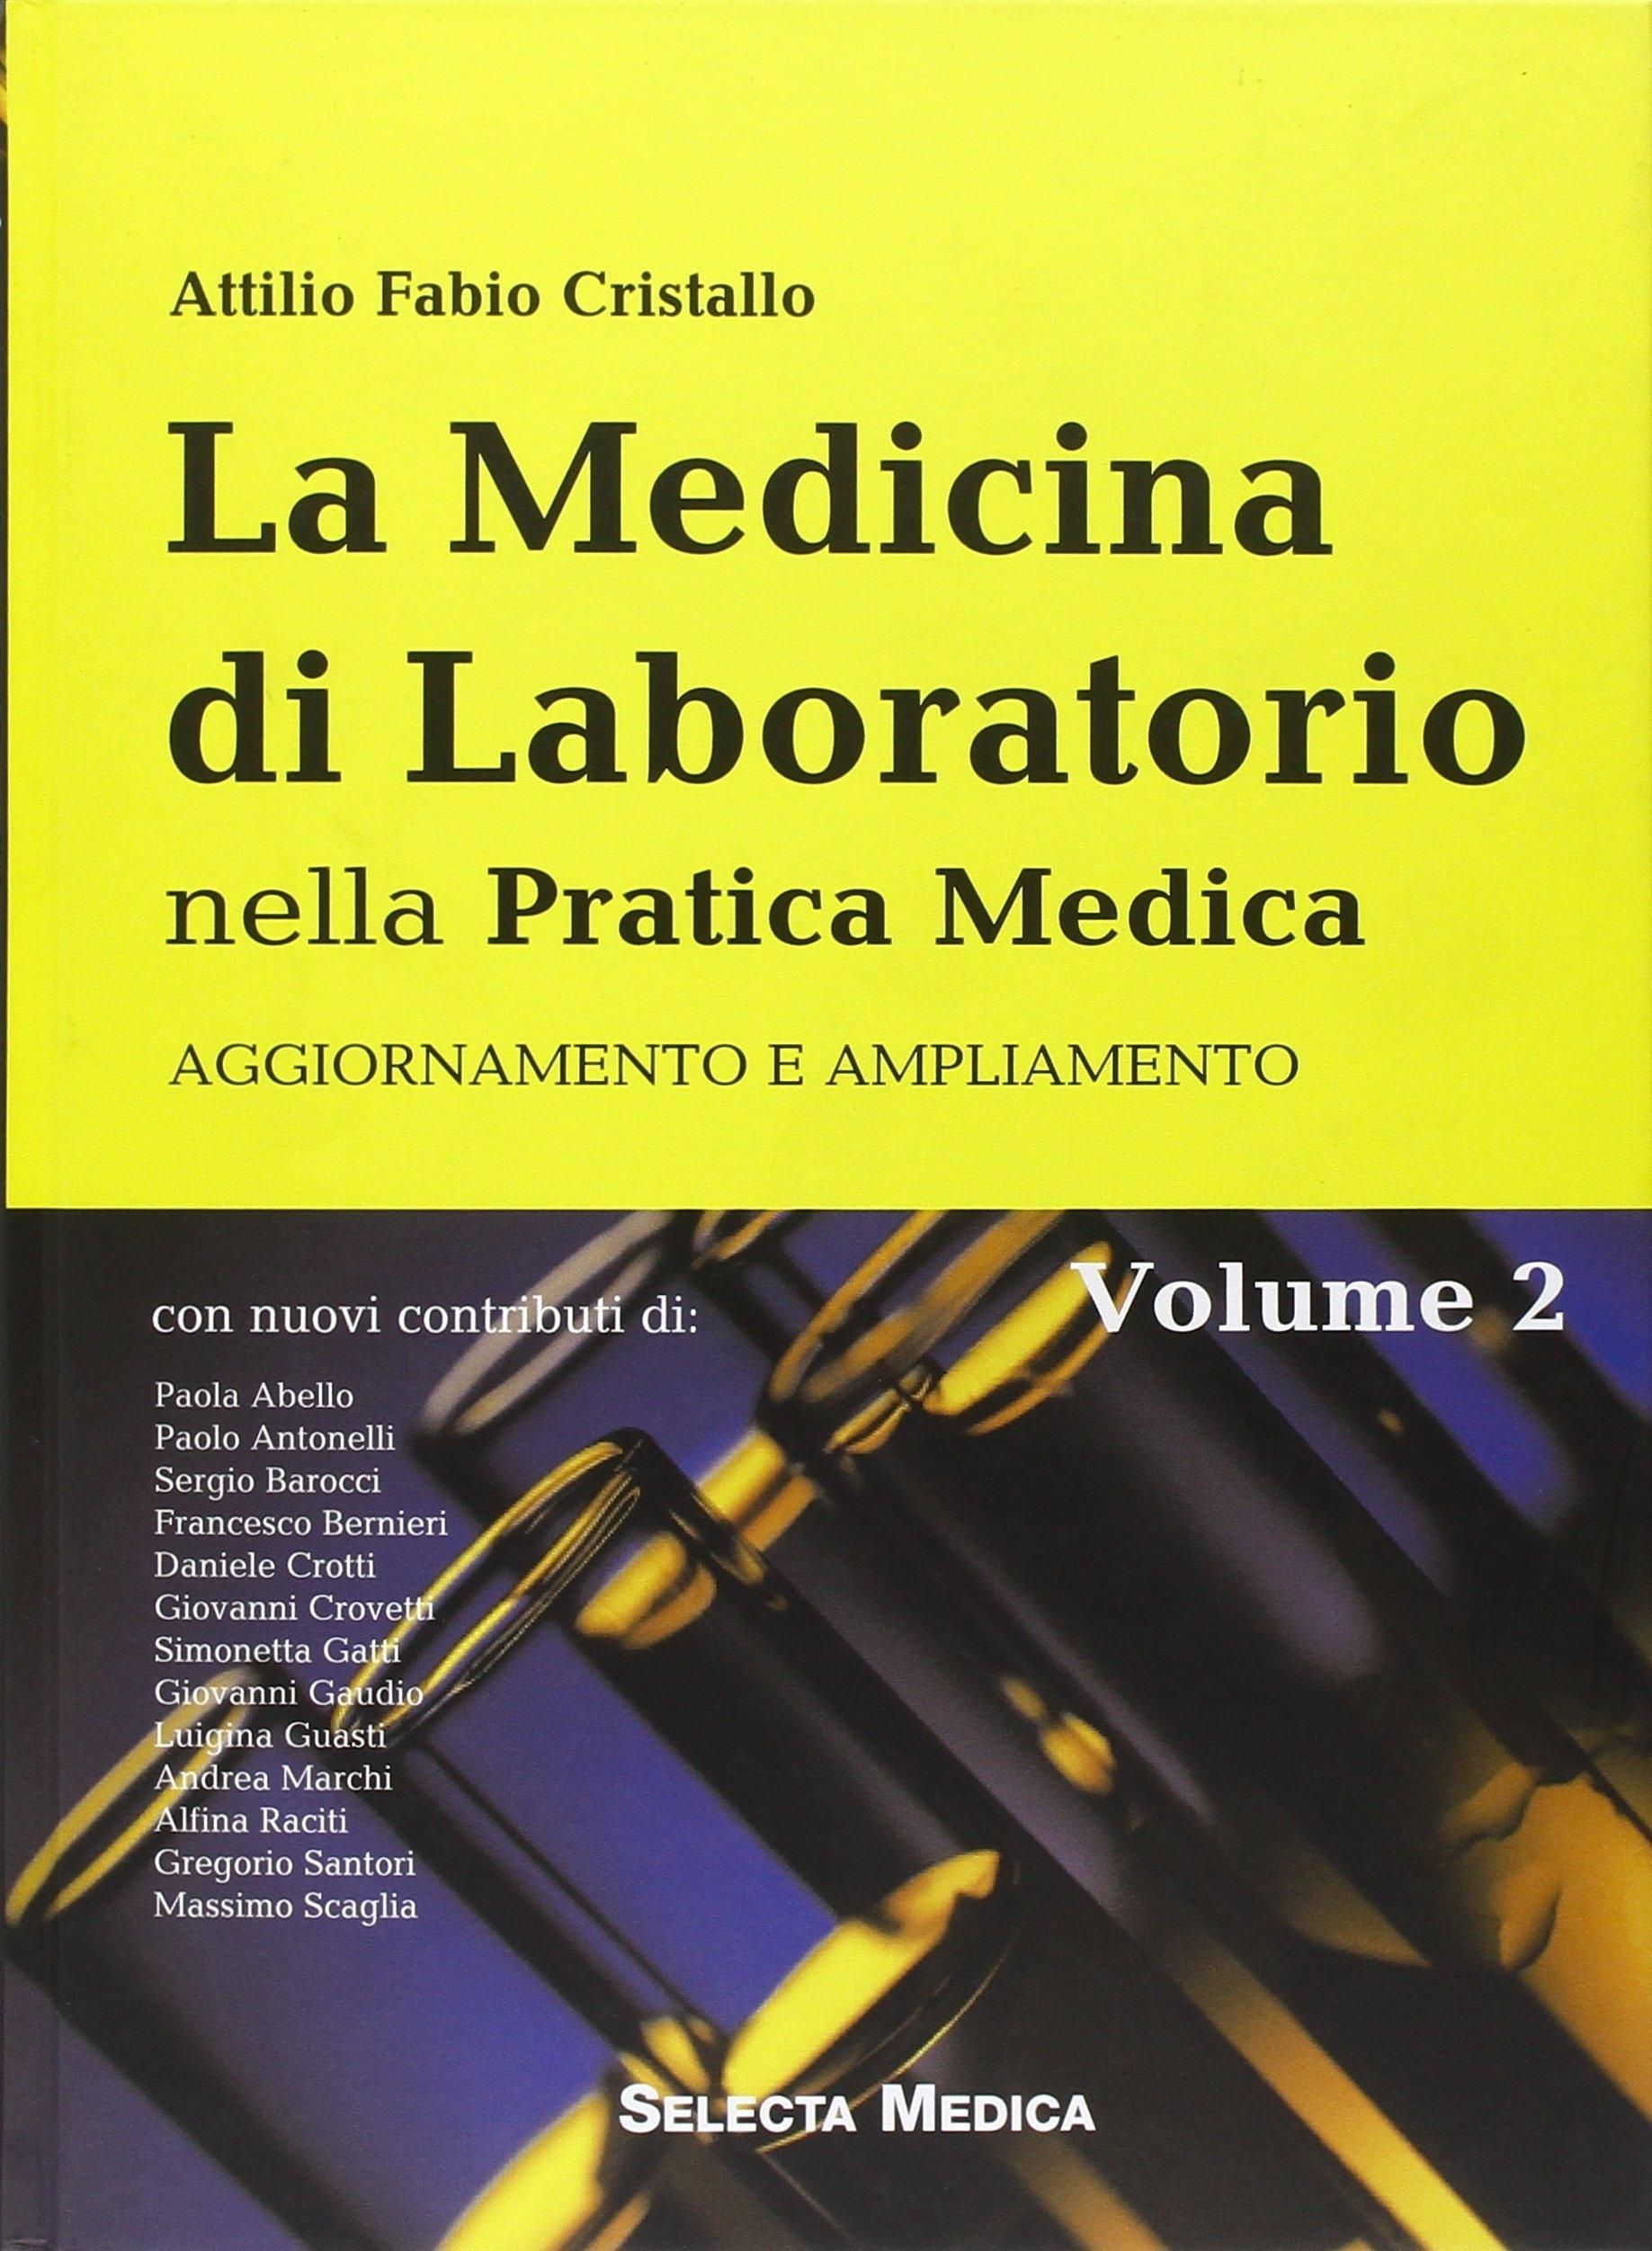 La medicina di laboratorio nella pratica medica. Volume di aggiornamento e ampliamento. Vol. 2